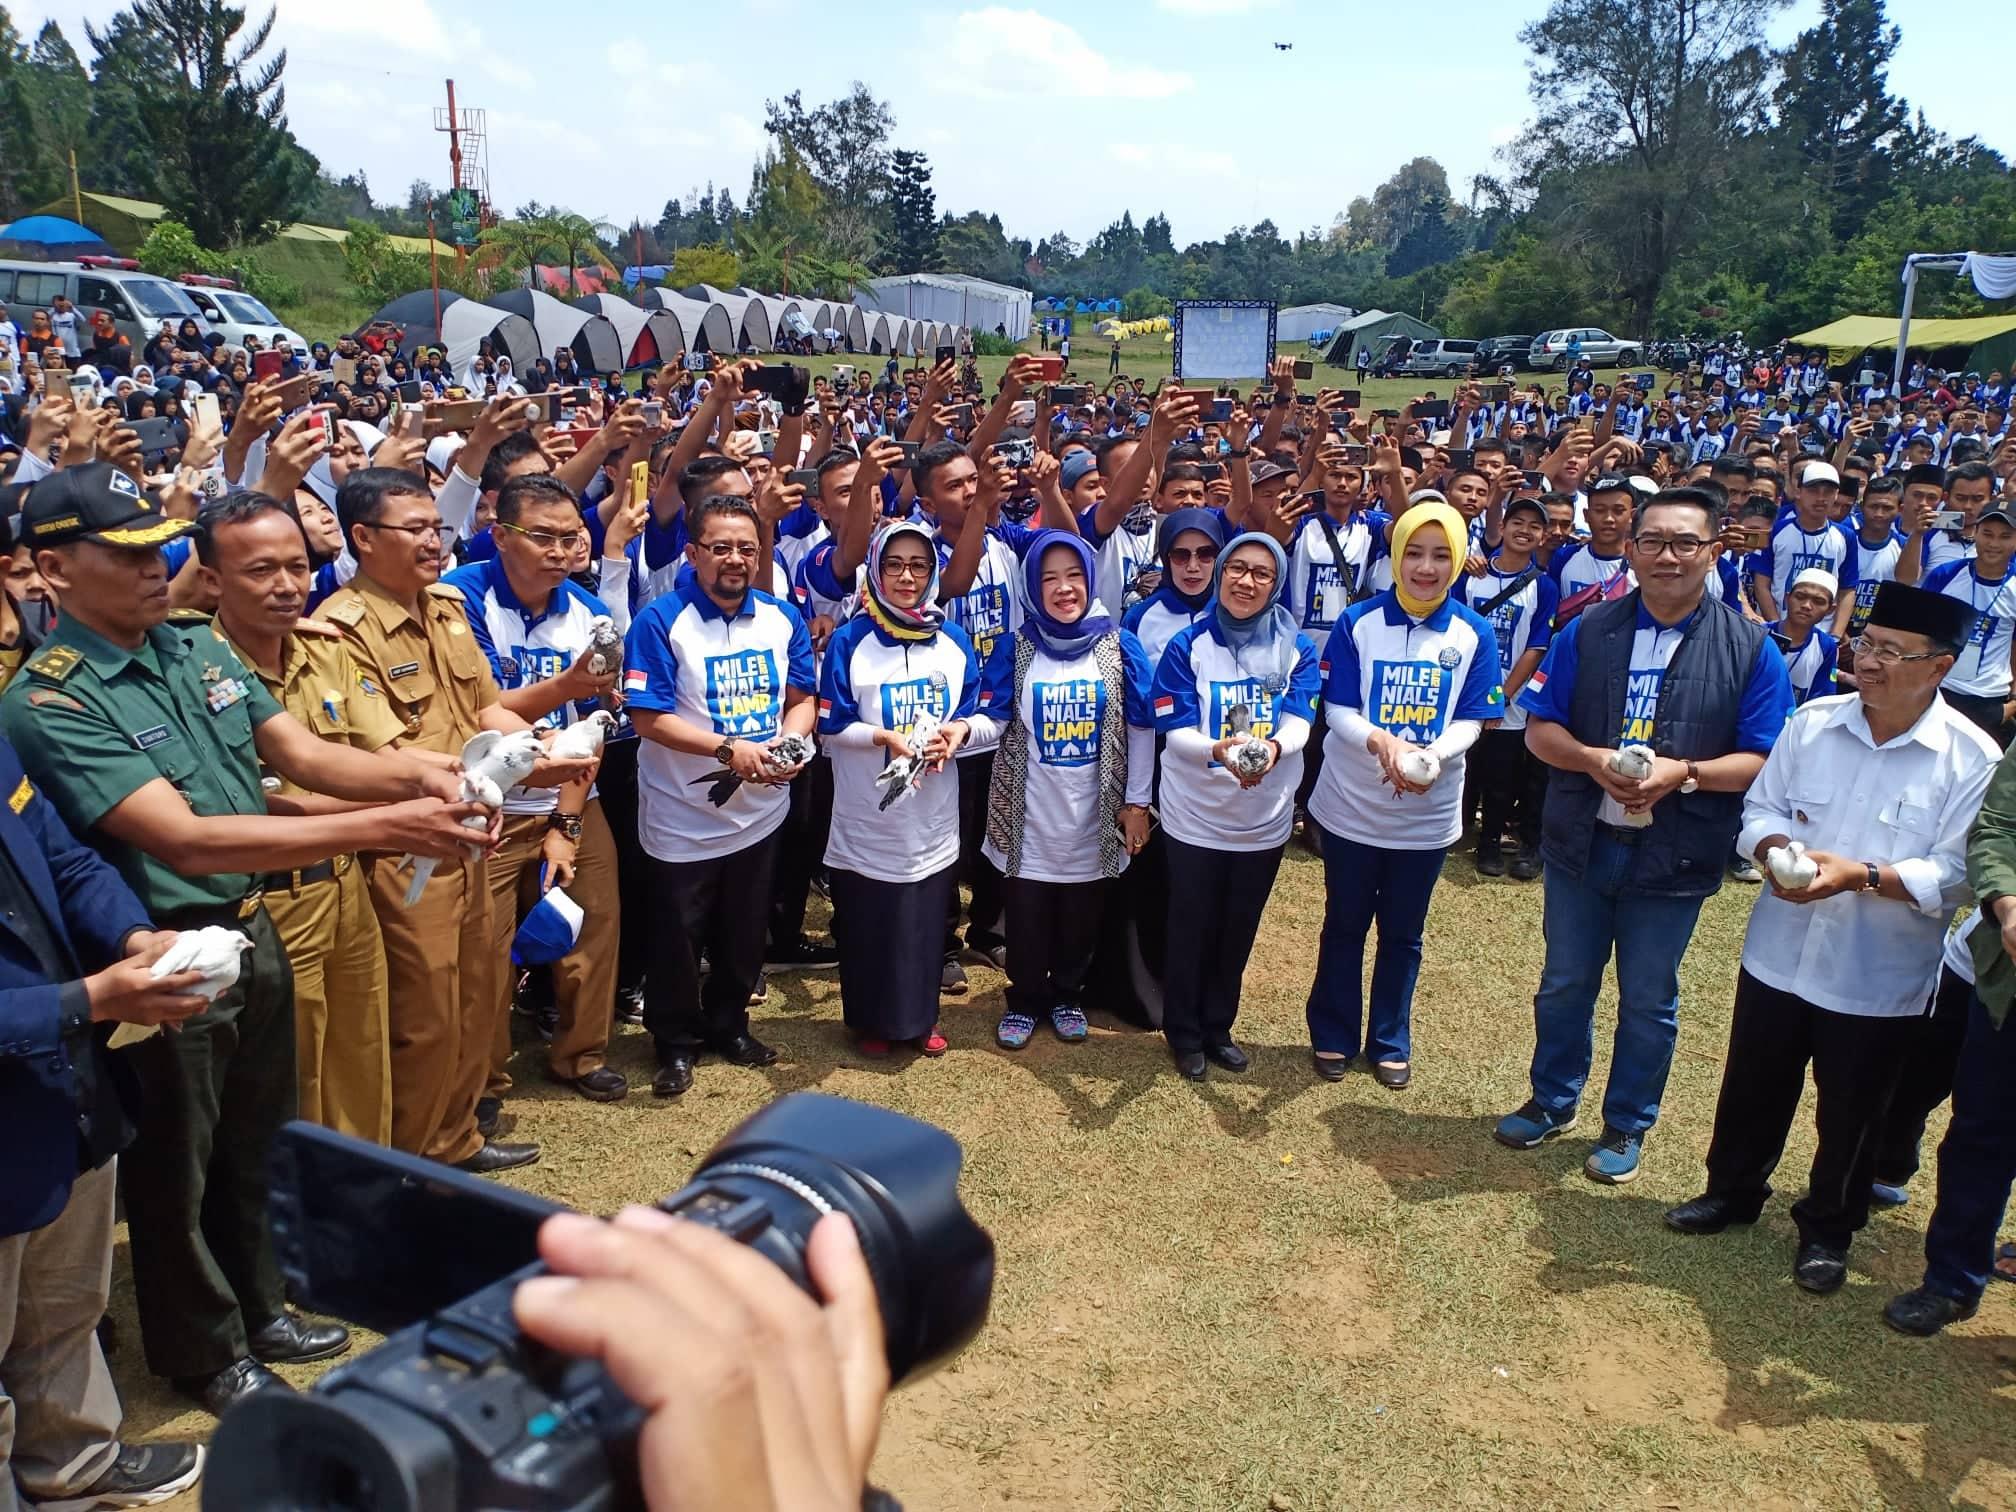 Gubernur Jawa Barat Hadiri Milenial Camp 2019